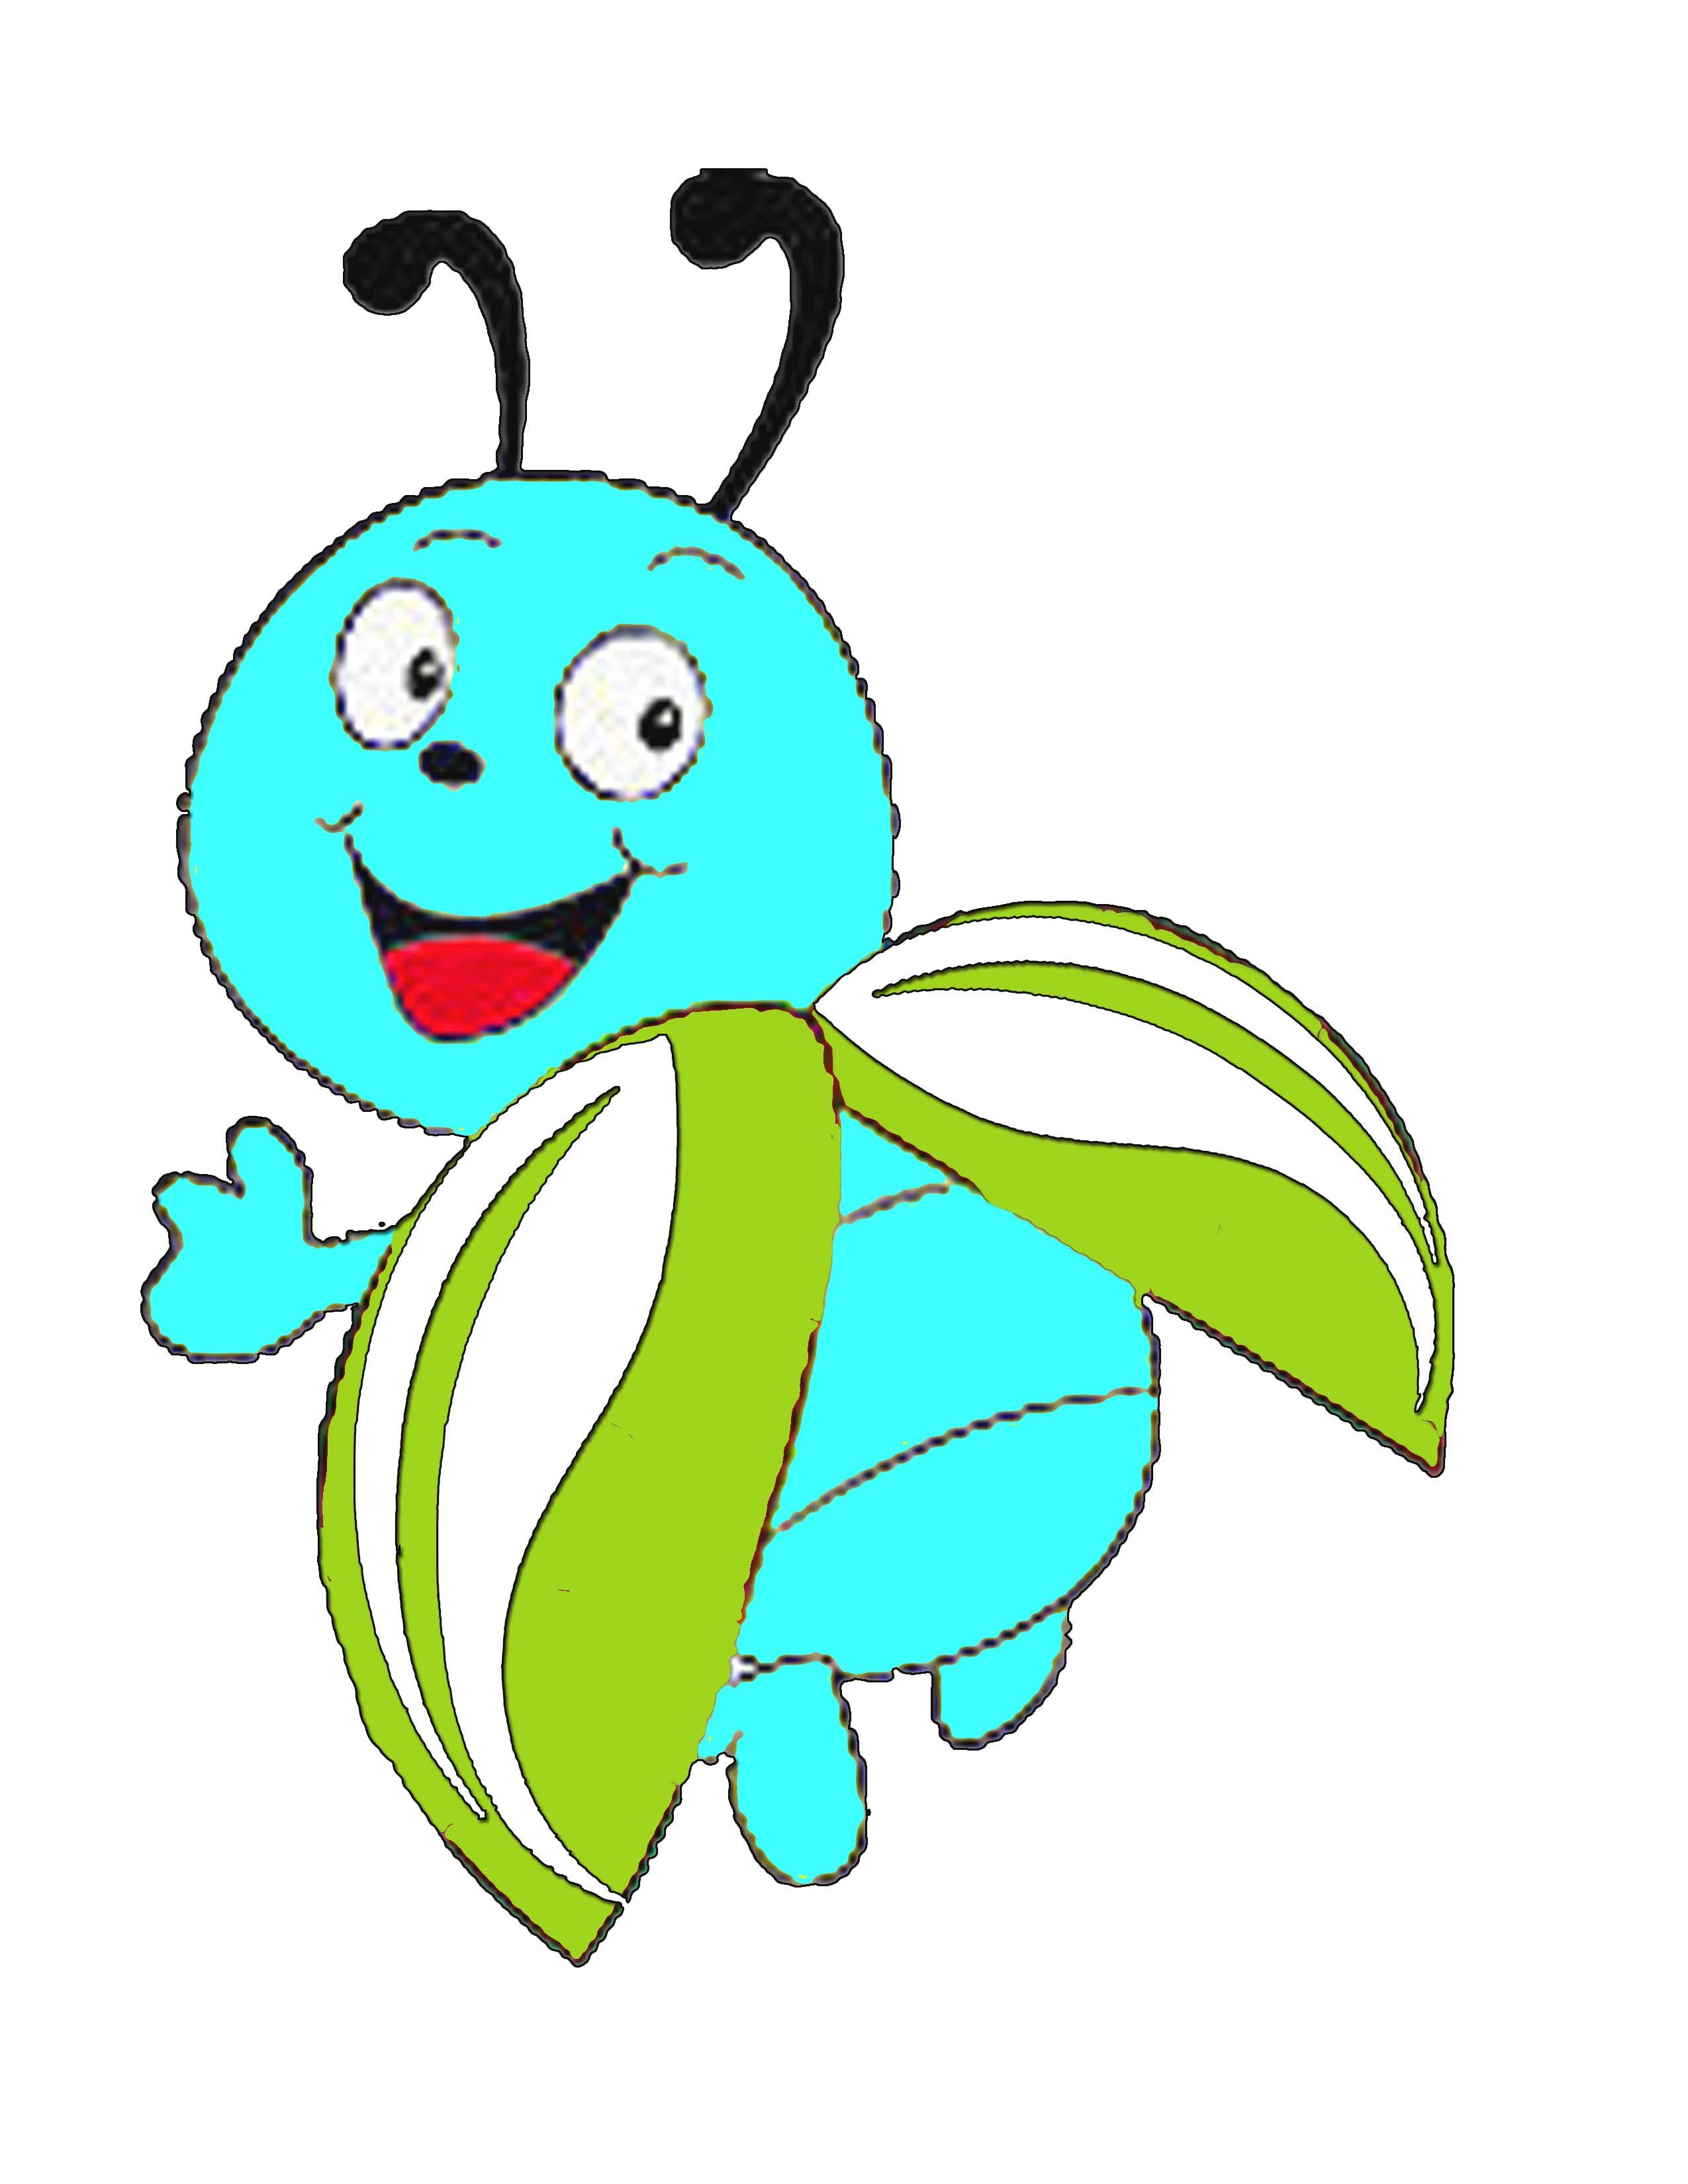 公司vi,吉祥物以及微信服务号logo设计